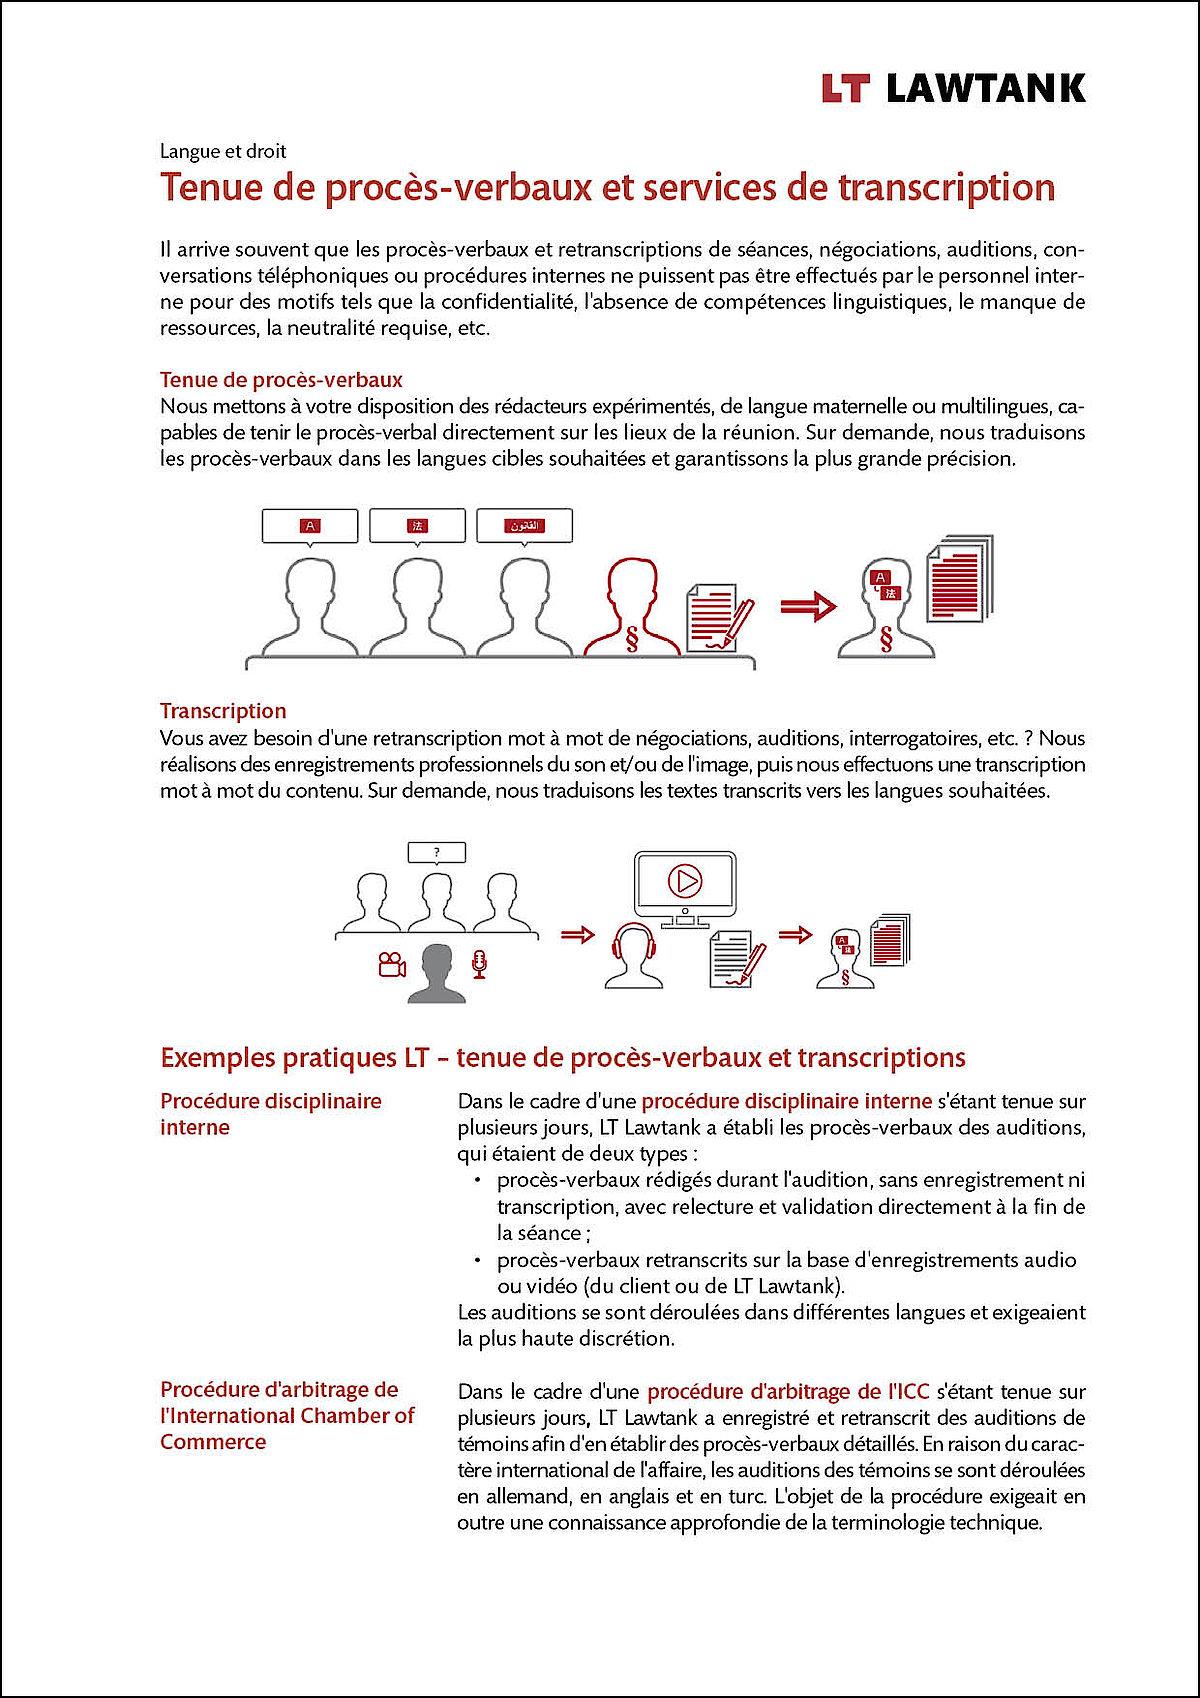 LT Lawtank - Tenue de proces-verbaux et services de transcription - Auditions et interrogatoires, Authentifications, Conférences, Médiations, Négociations de contrats, Procédures d'arbitrage, Procédures de conciliation, Transactions M&A